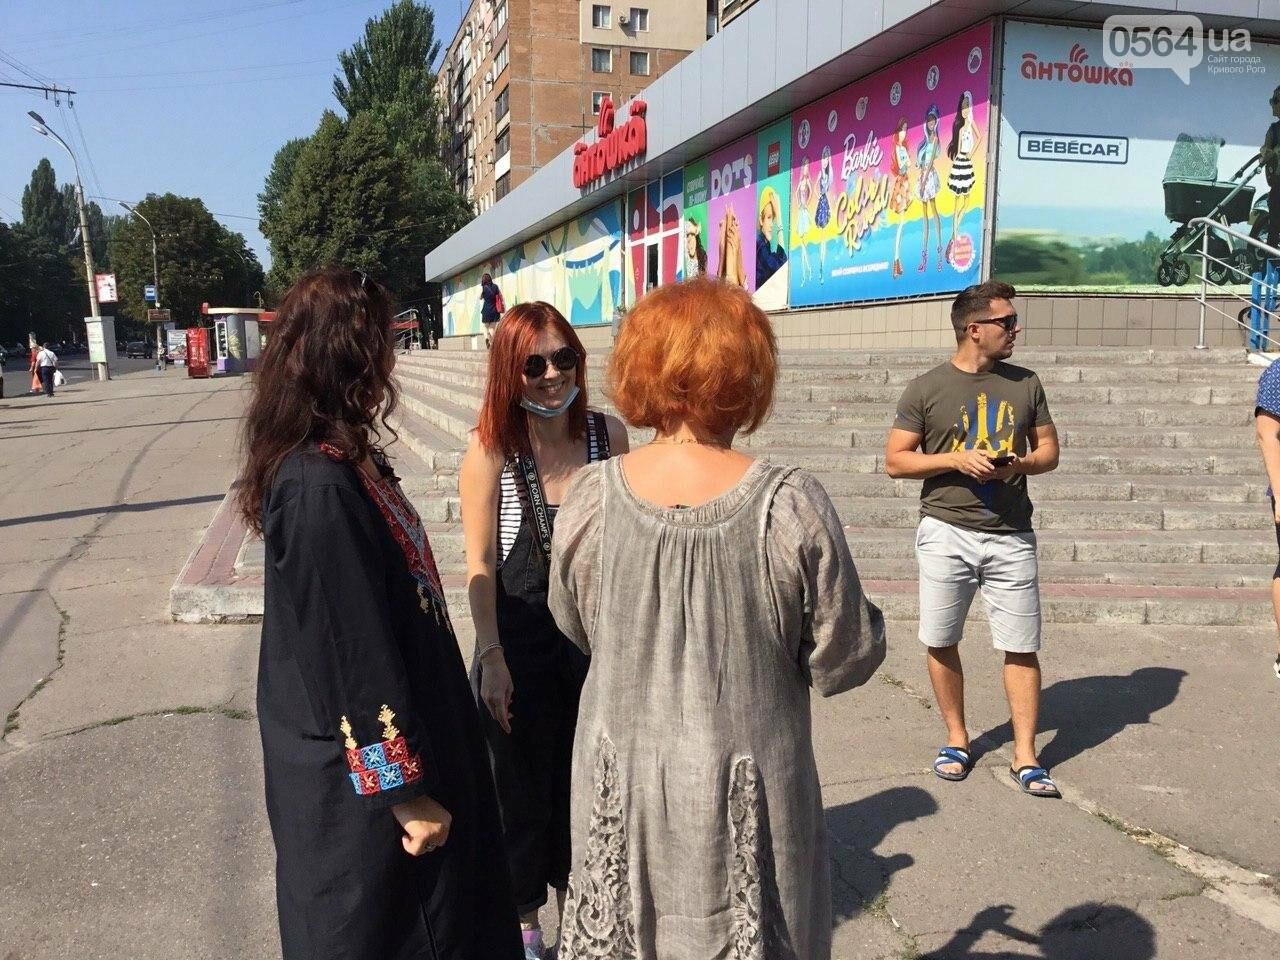 """""""Українці - брати, Разом ми - сила!"""", - какие пожелания и призывы написали криворожане на Знамени Единства, - ФОТО, ВИДЕО, фото-65"""